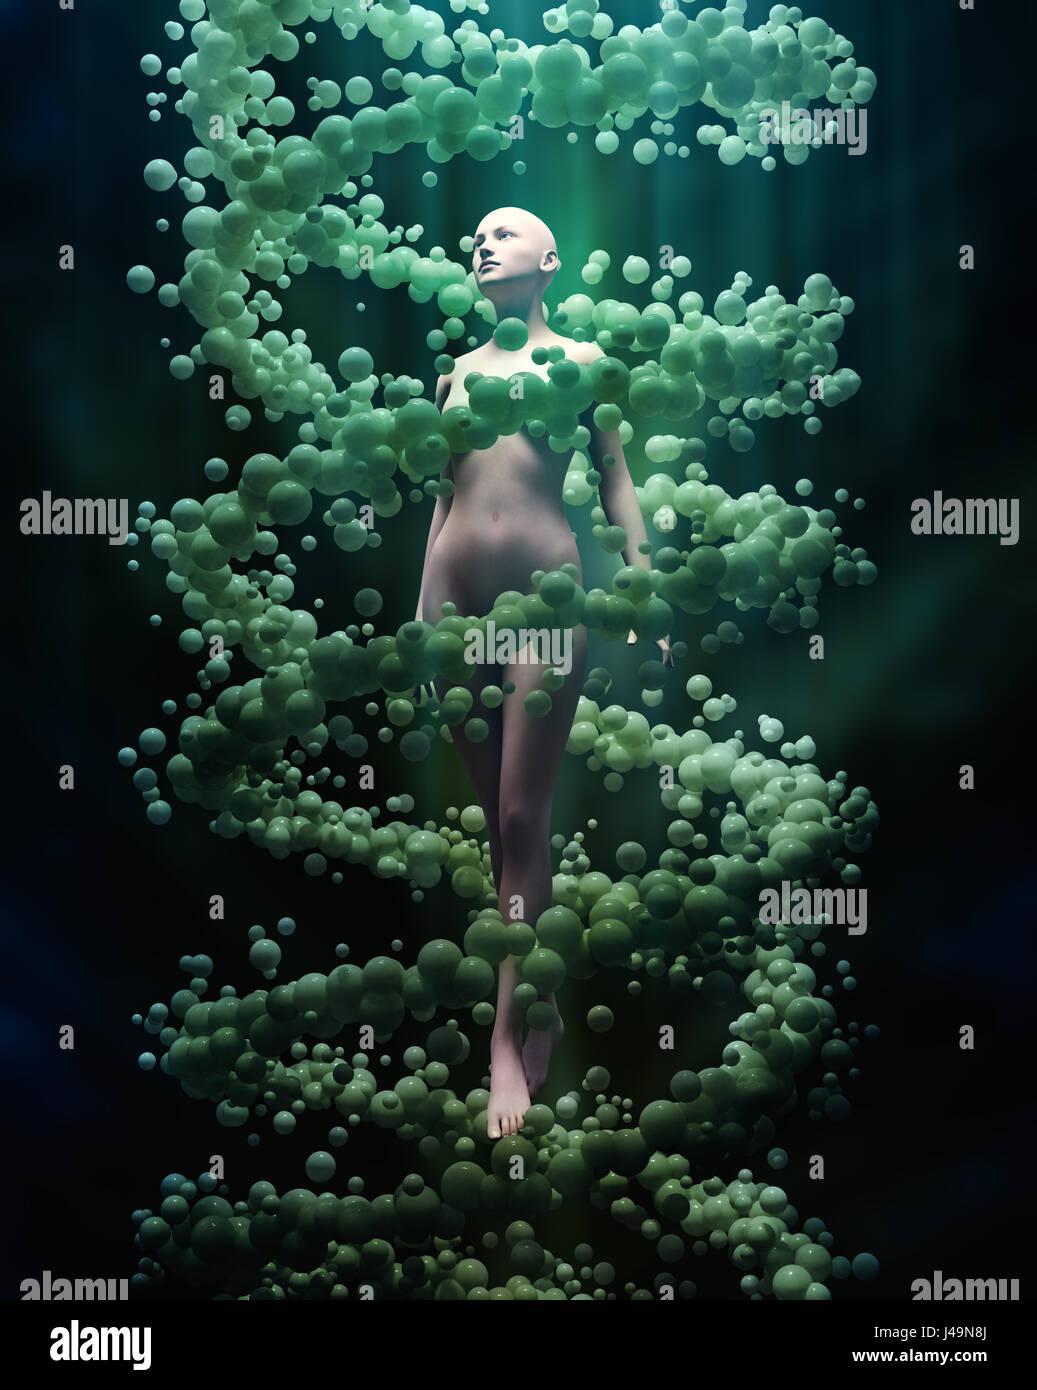 Adn y genética personal concepto ilustración 3D Imagen De Stock